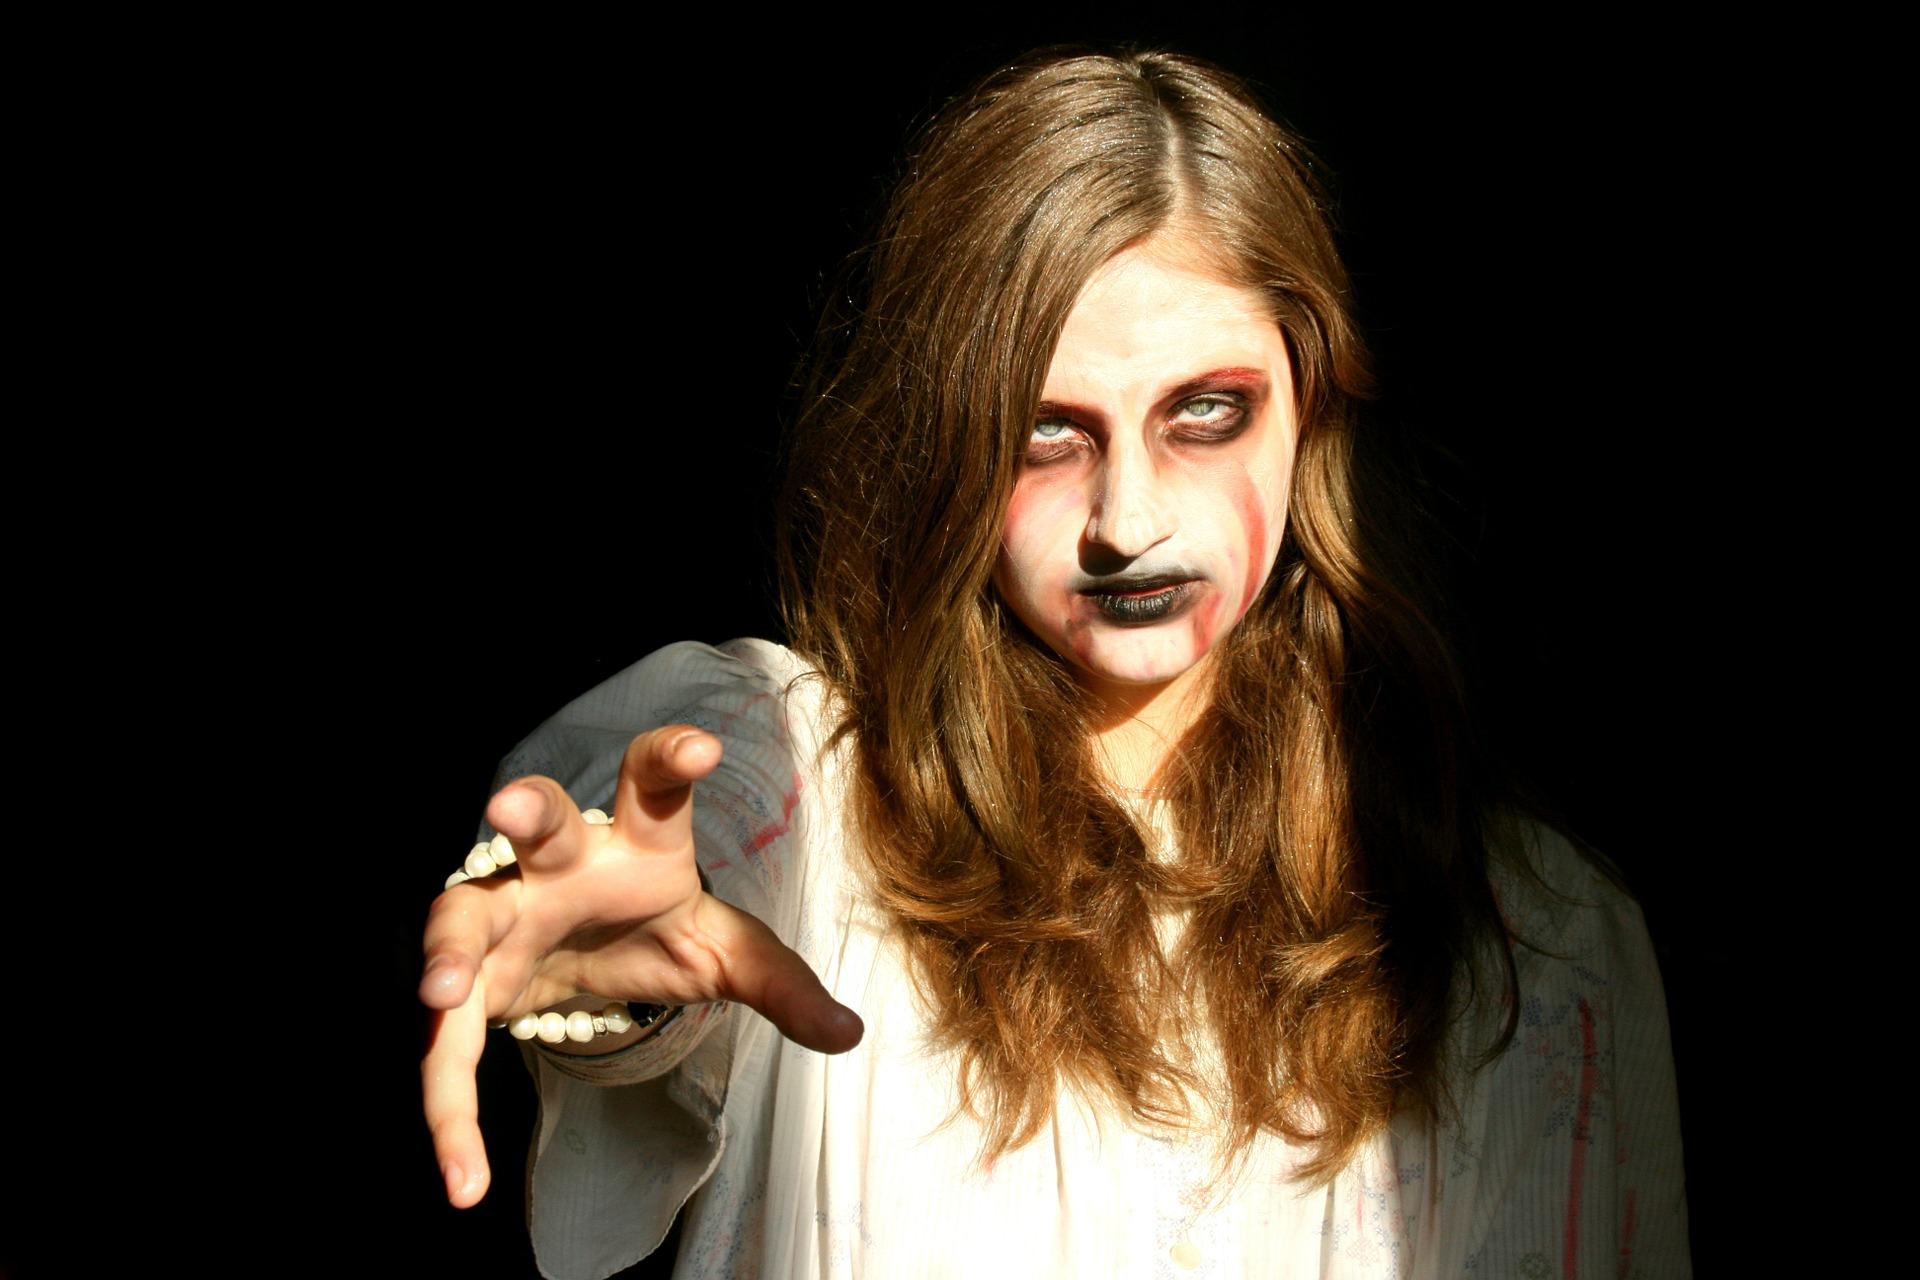 horror-1008033_1920